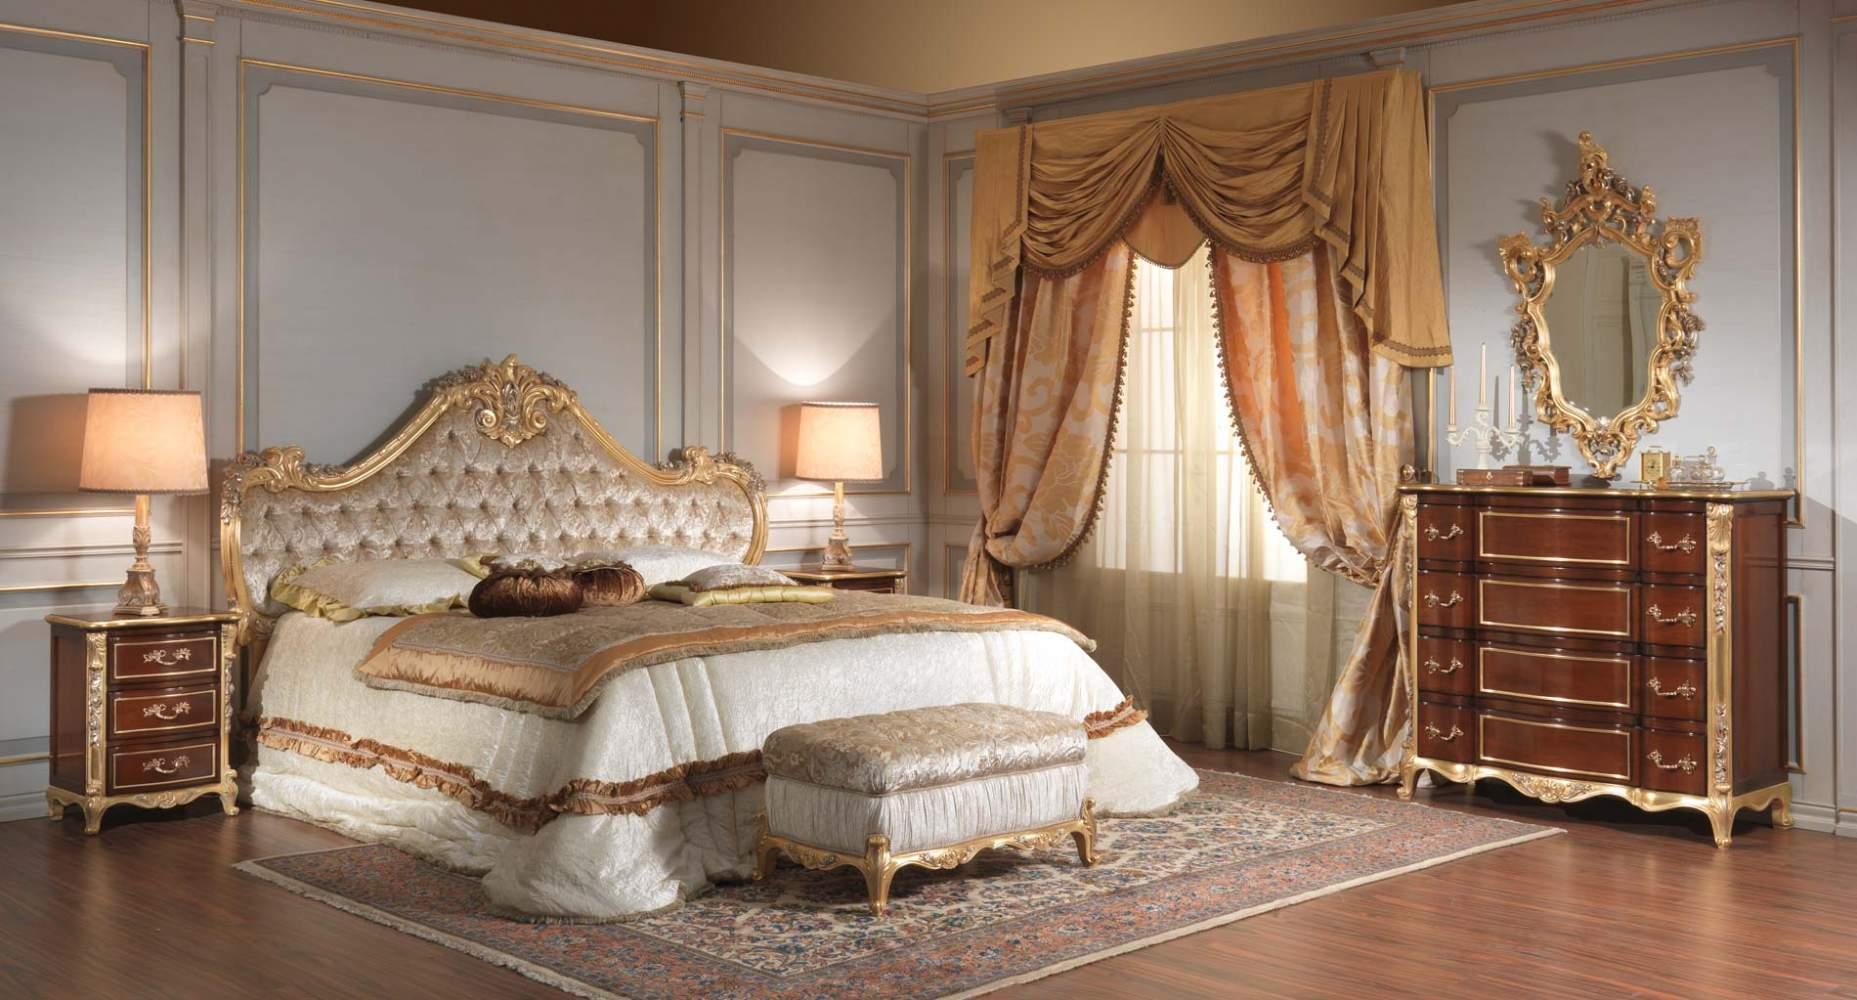 Camera da letto classica 700 italiano | Vimercati Meda